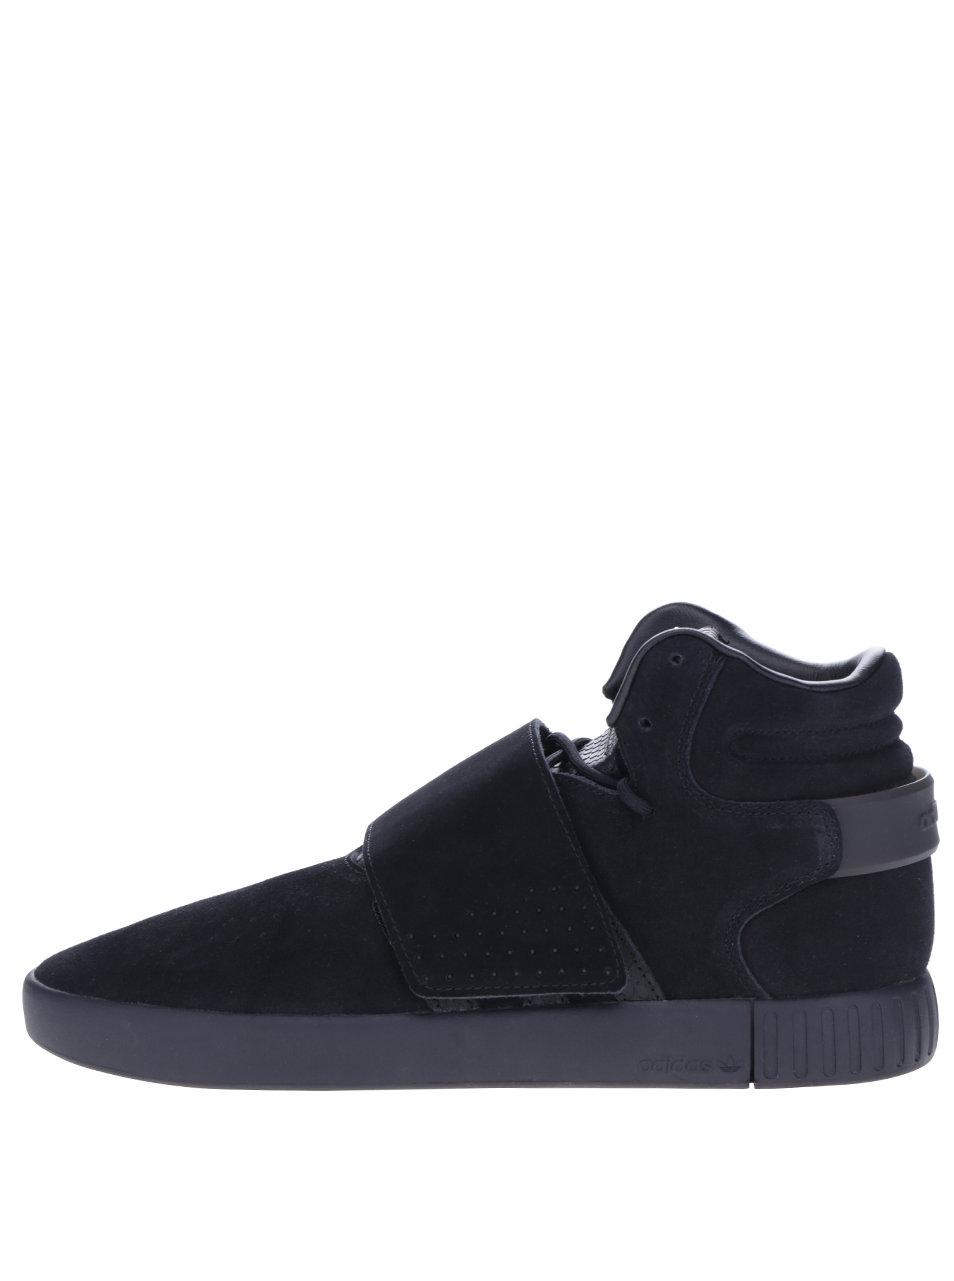 Čierne pánske členkové semišové tenisky adidas Originals Tubular Invader ... 30e4638235c